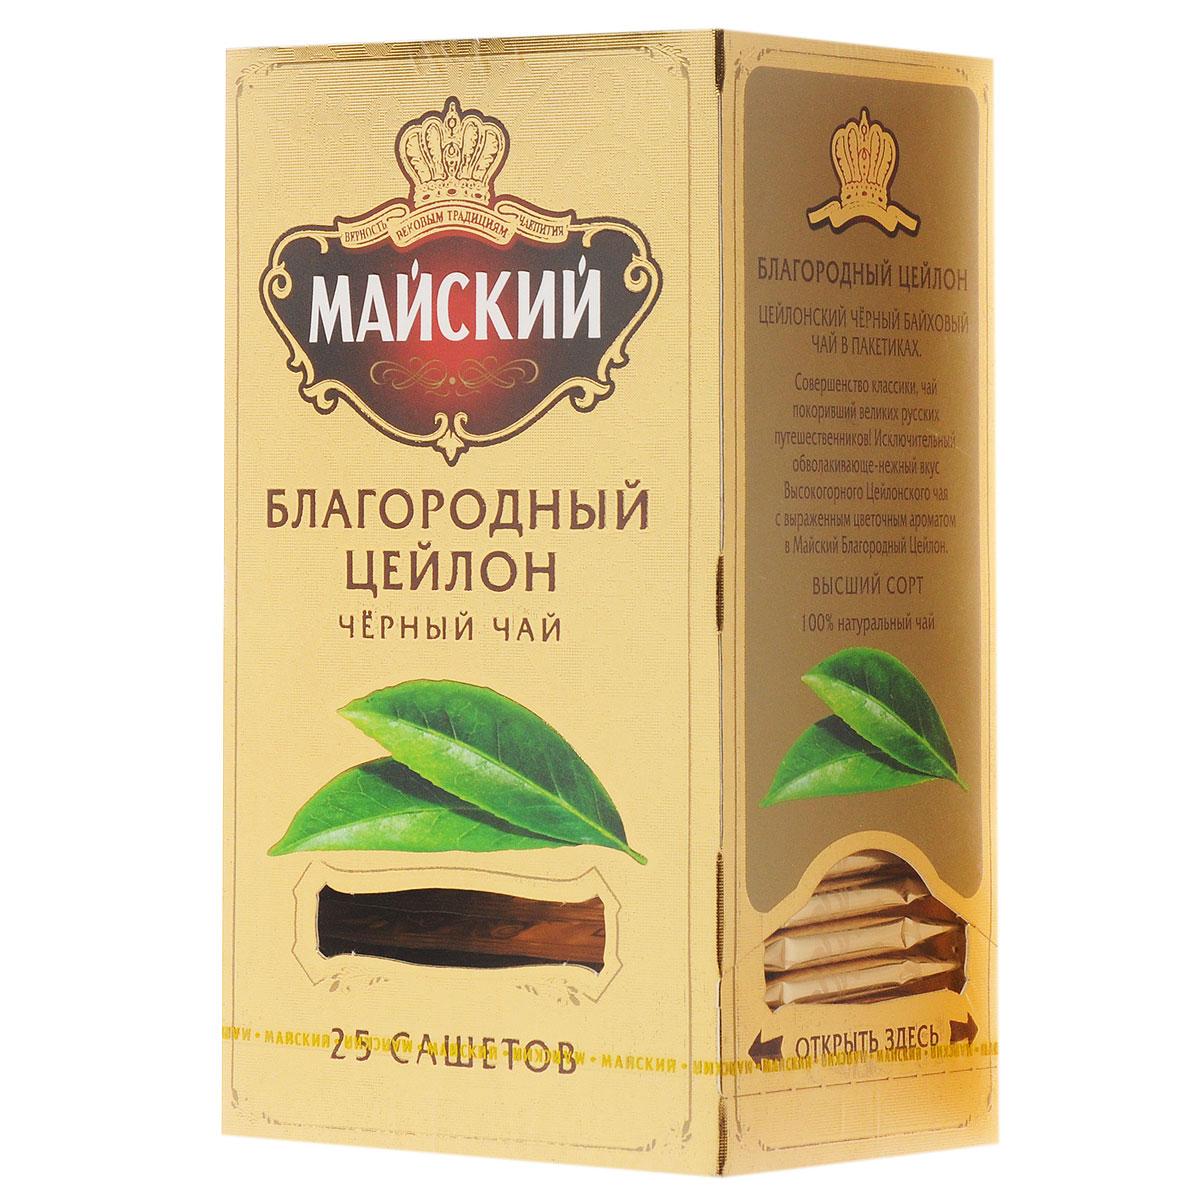 Майский Благородный Цейлон черный чай в пакетиках, 25 шт114352Майский Благородный Цейлон - высокогорный цейлонский чай с выраженным цветочным вкусом и ароматом. Совершенство классики. Чай, покоривший великих русских путешественников.